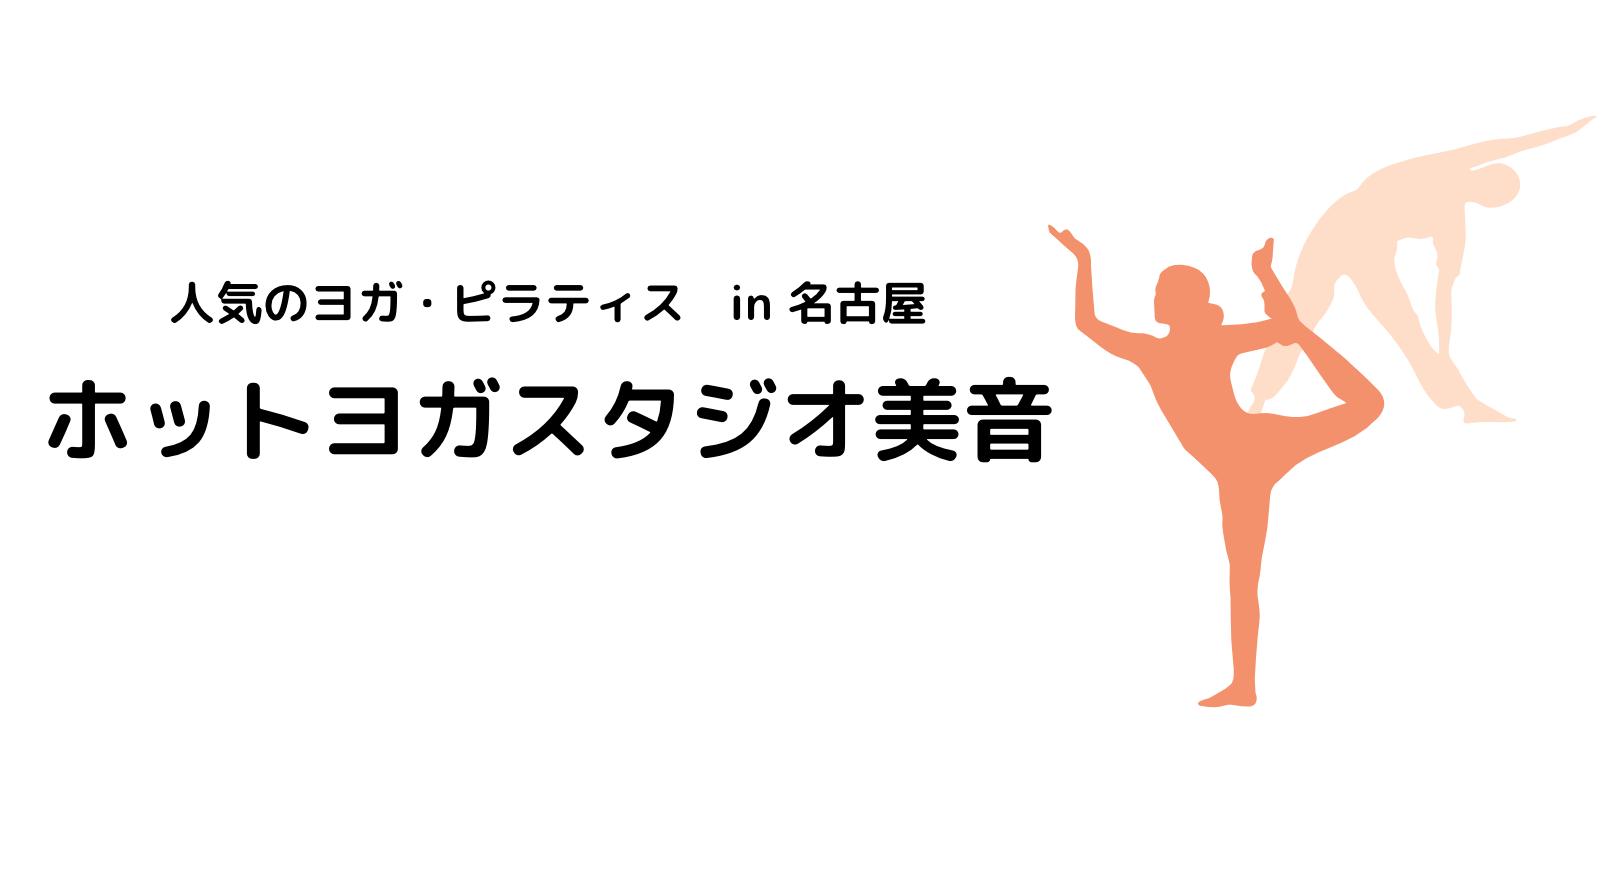 名古屋_ジム_ヨガ_ピラティス_おすすめ_人気_ホットヨガスタジオ美音